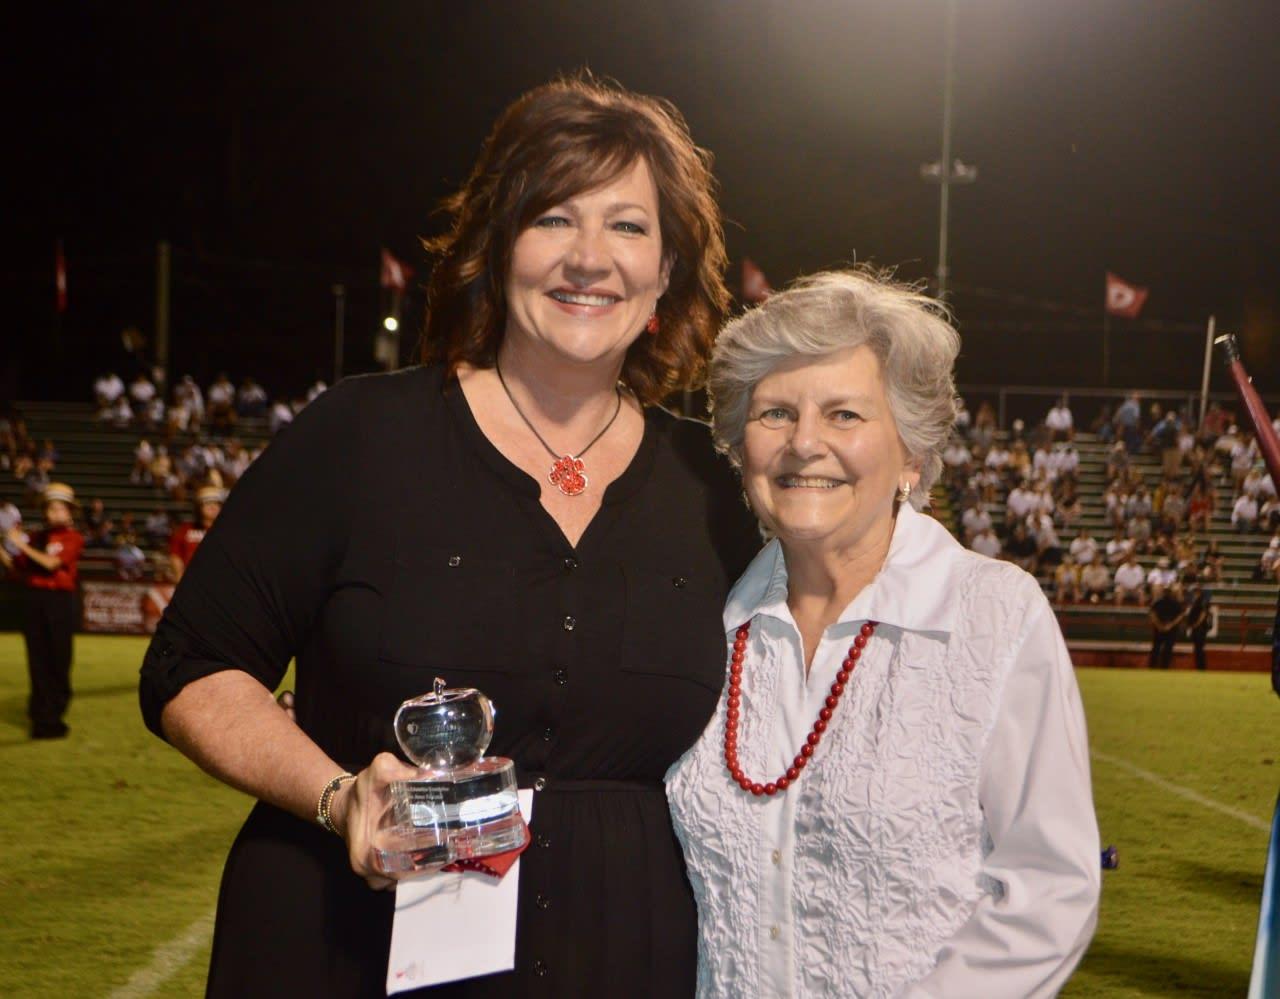 Cindy Parrott receiving award